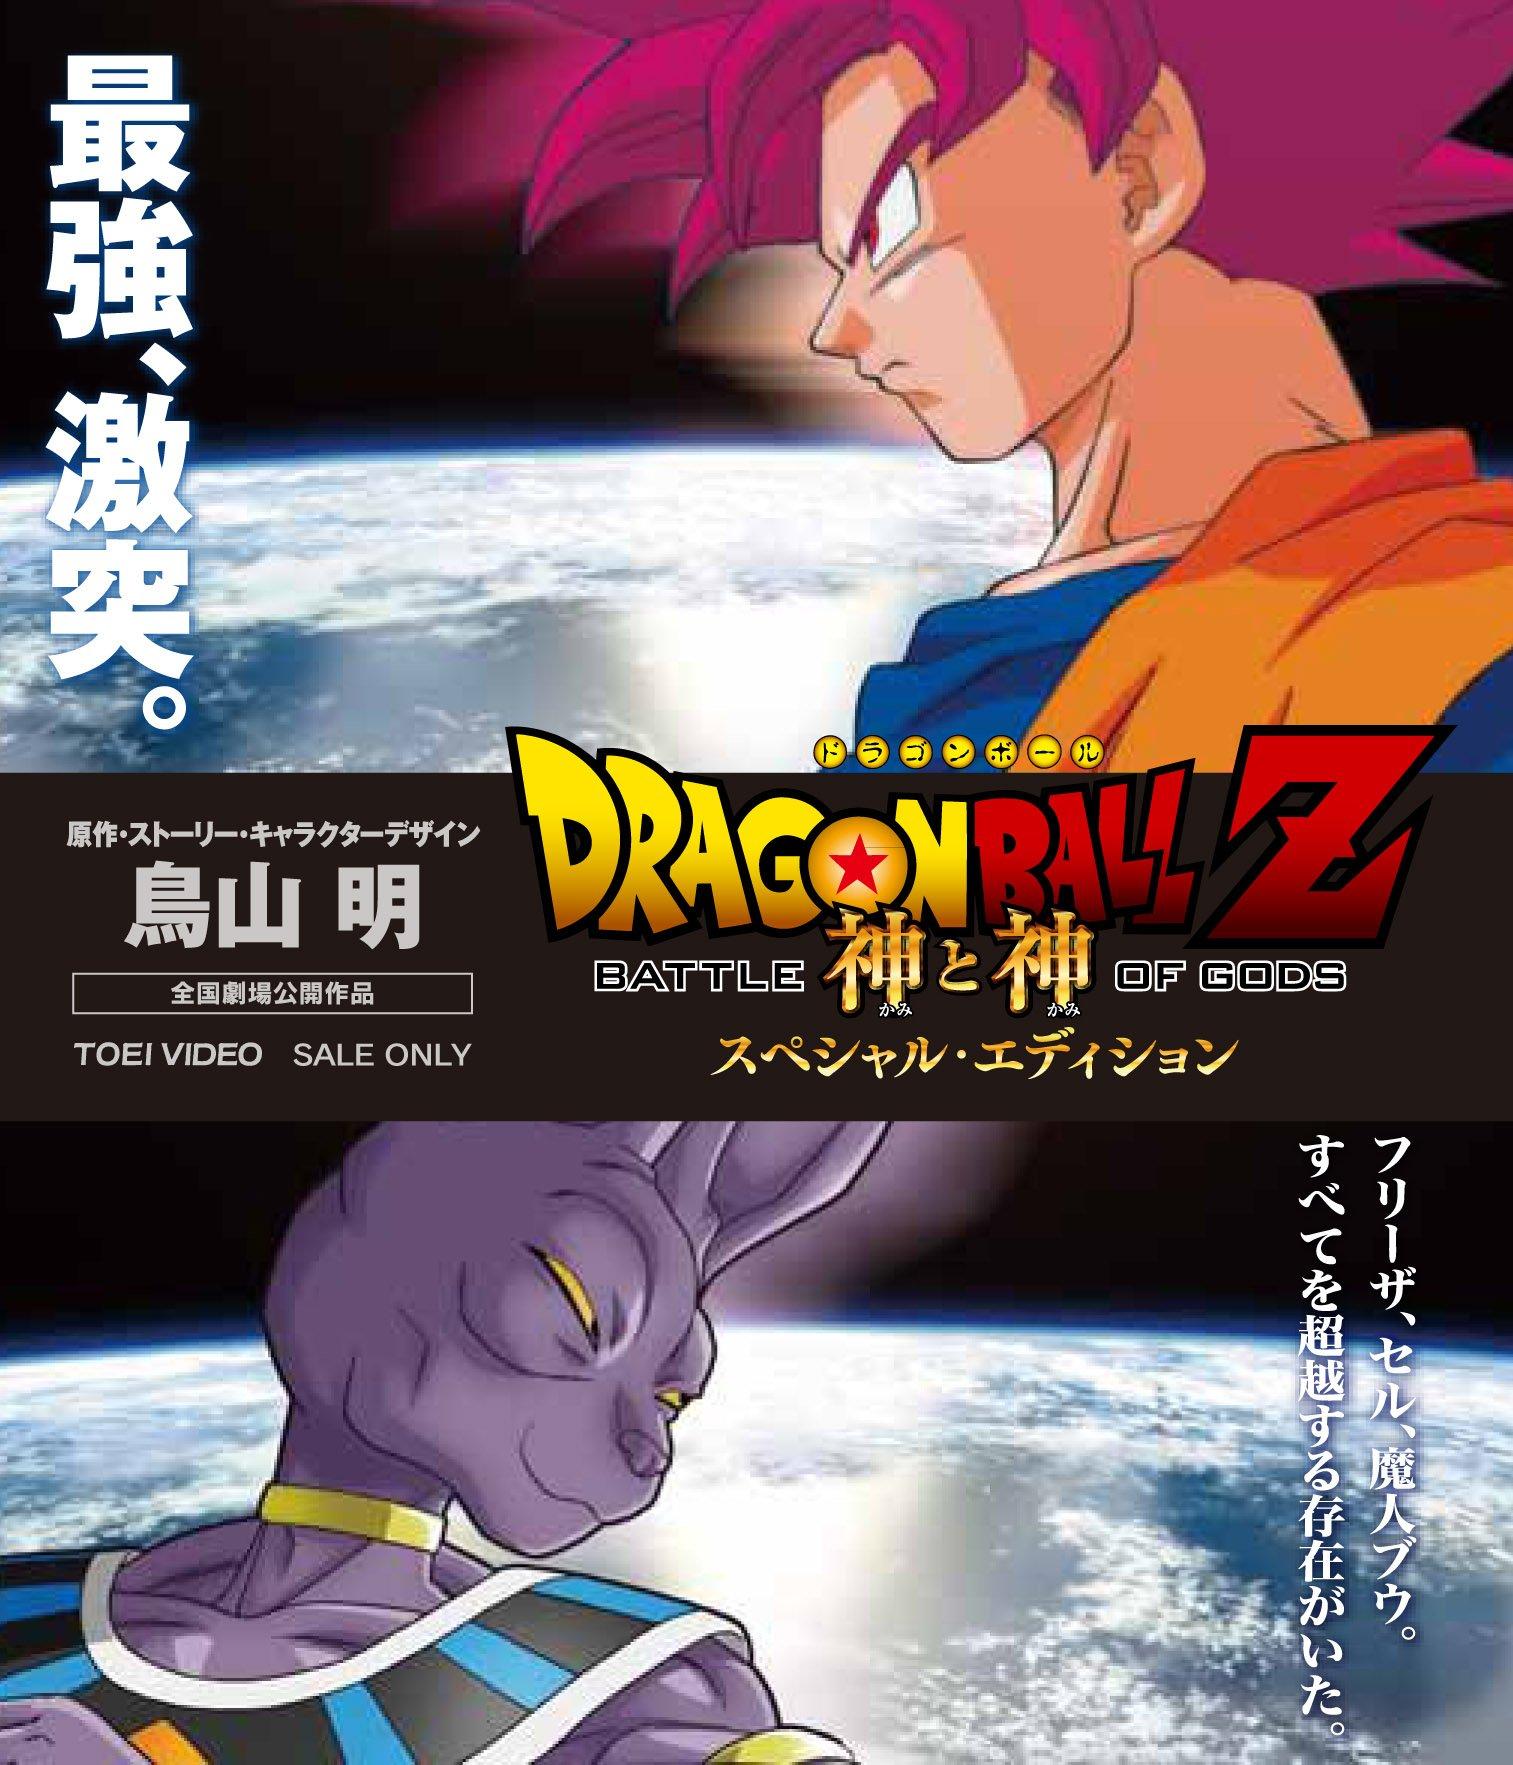 ドラゴンボールZ 神と神 スペシャル・エディション [Blu-ray]